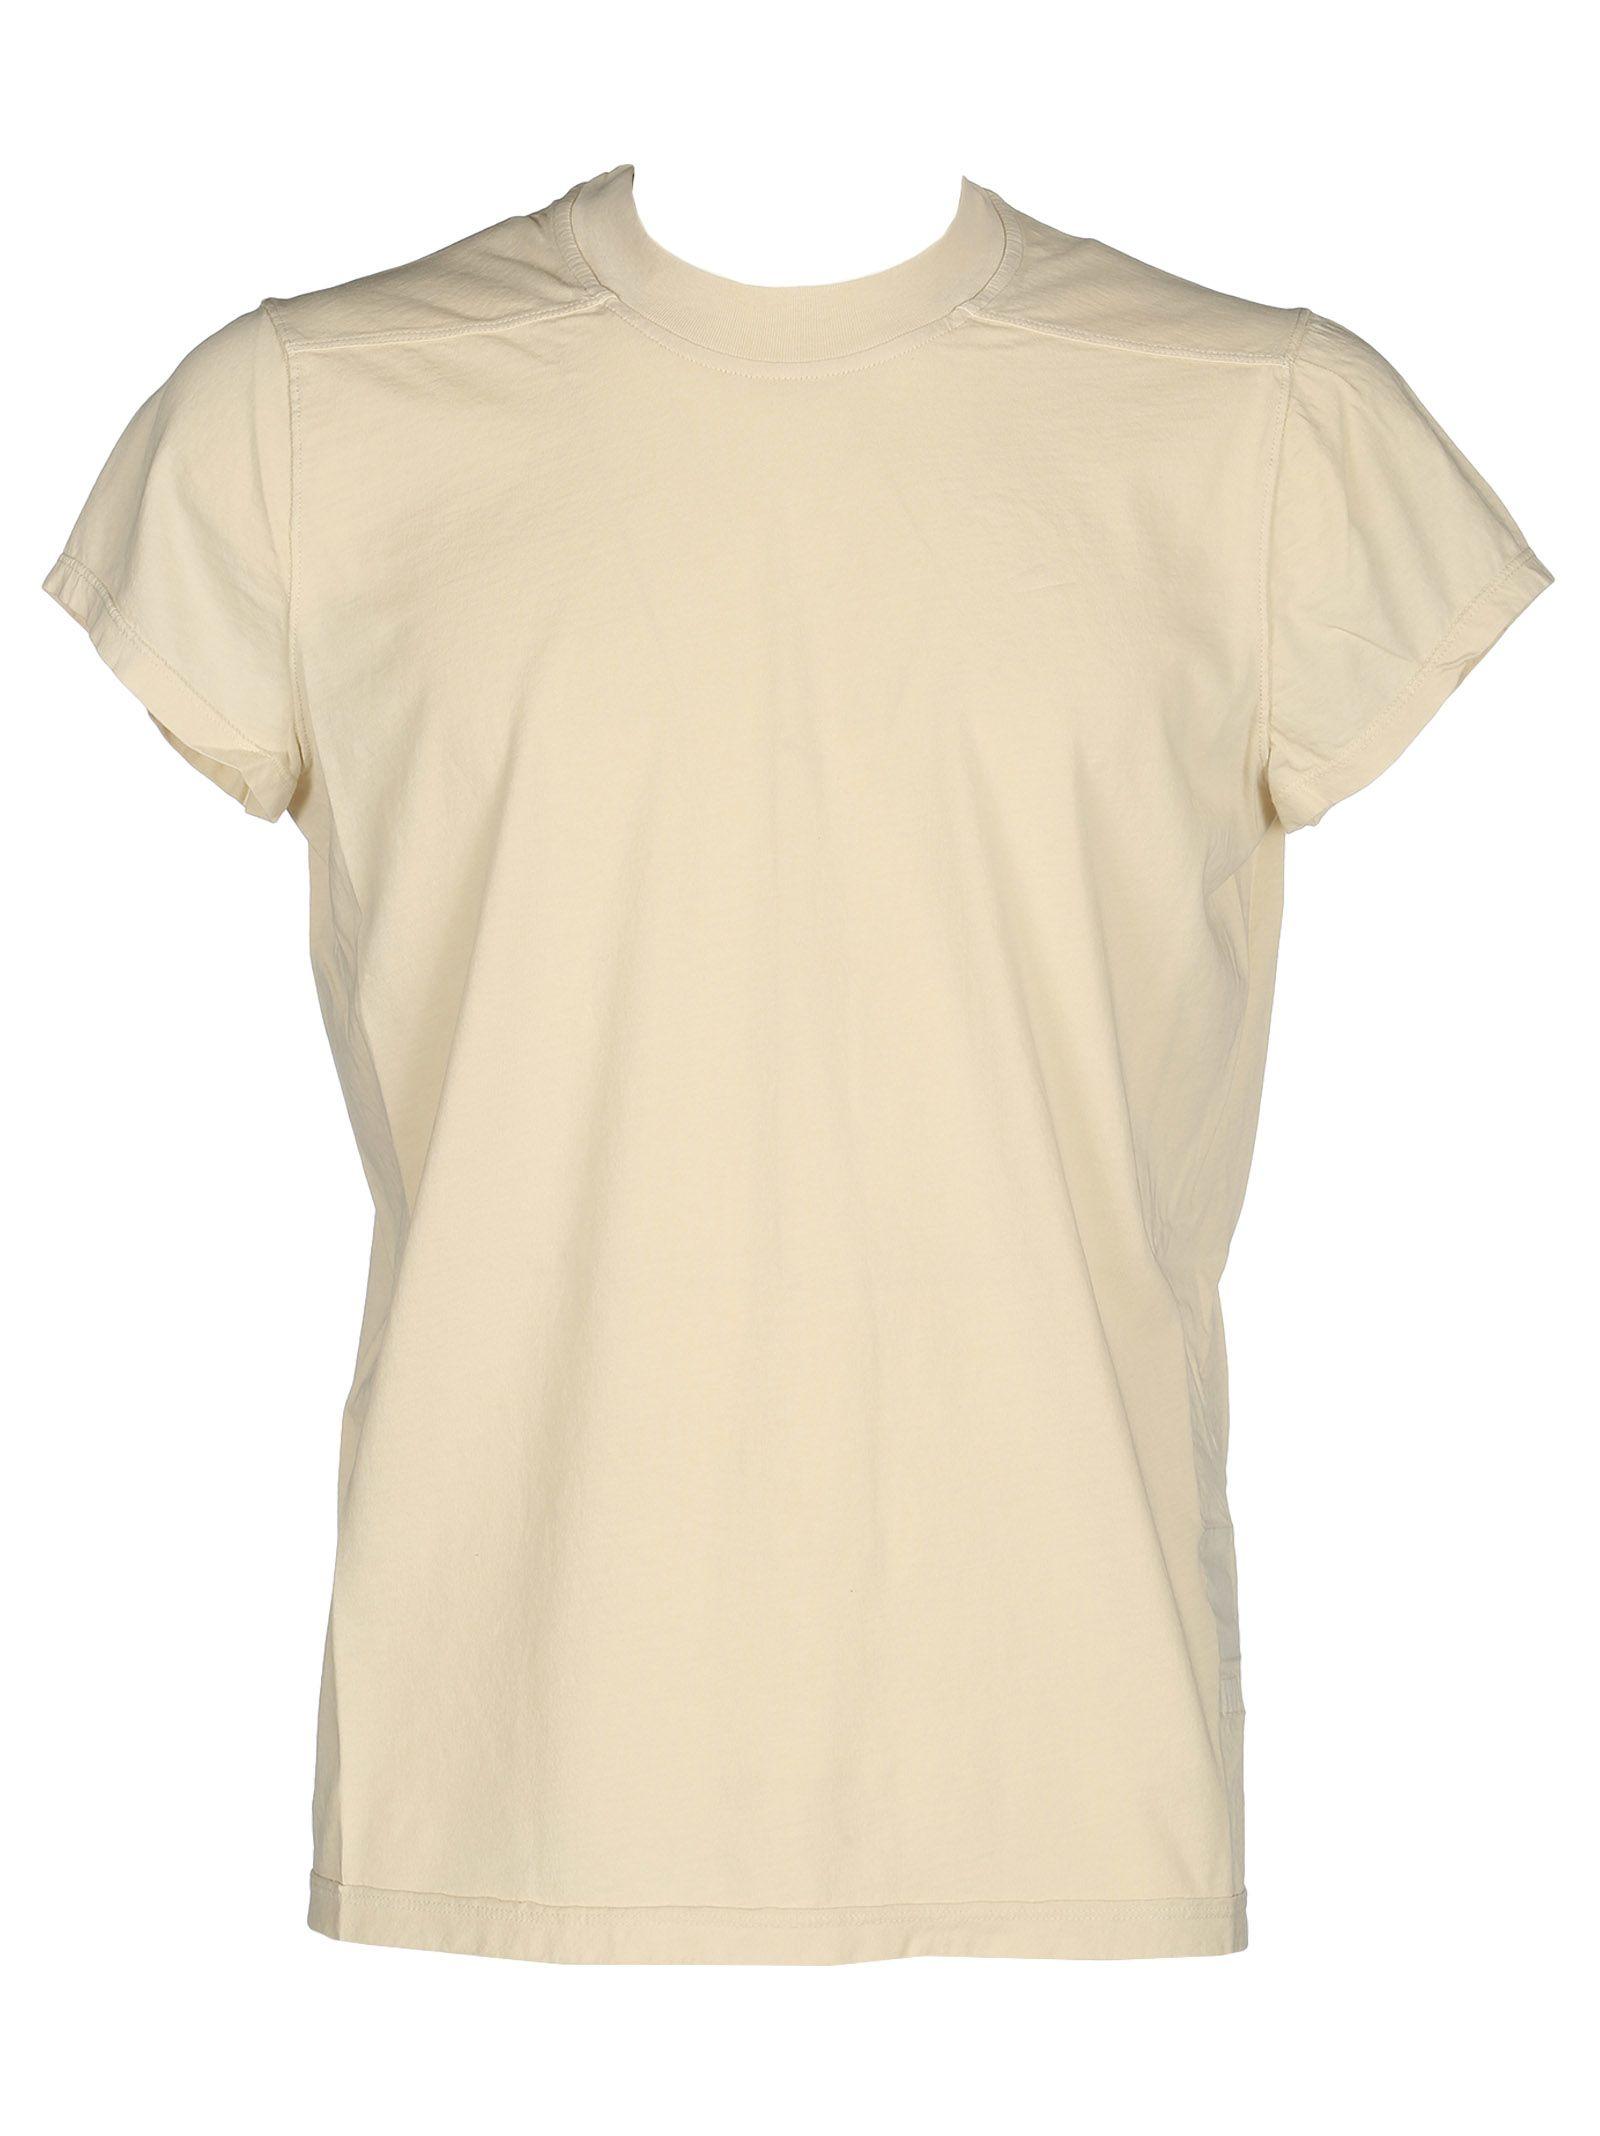 Rick Owens Drkshdw Classic T-shirt